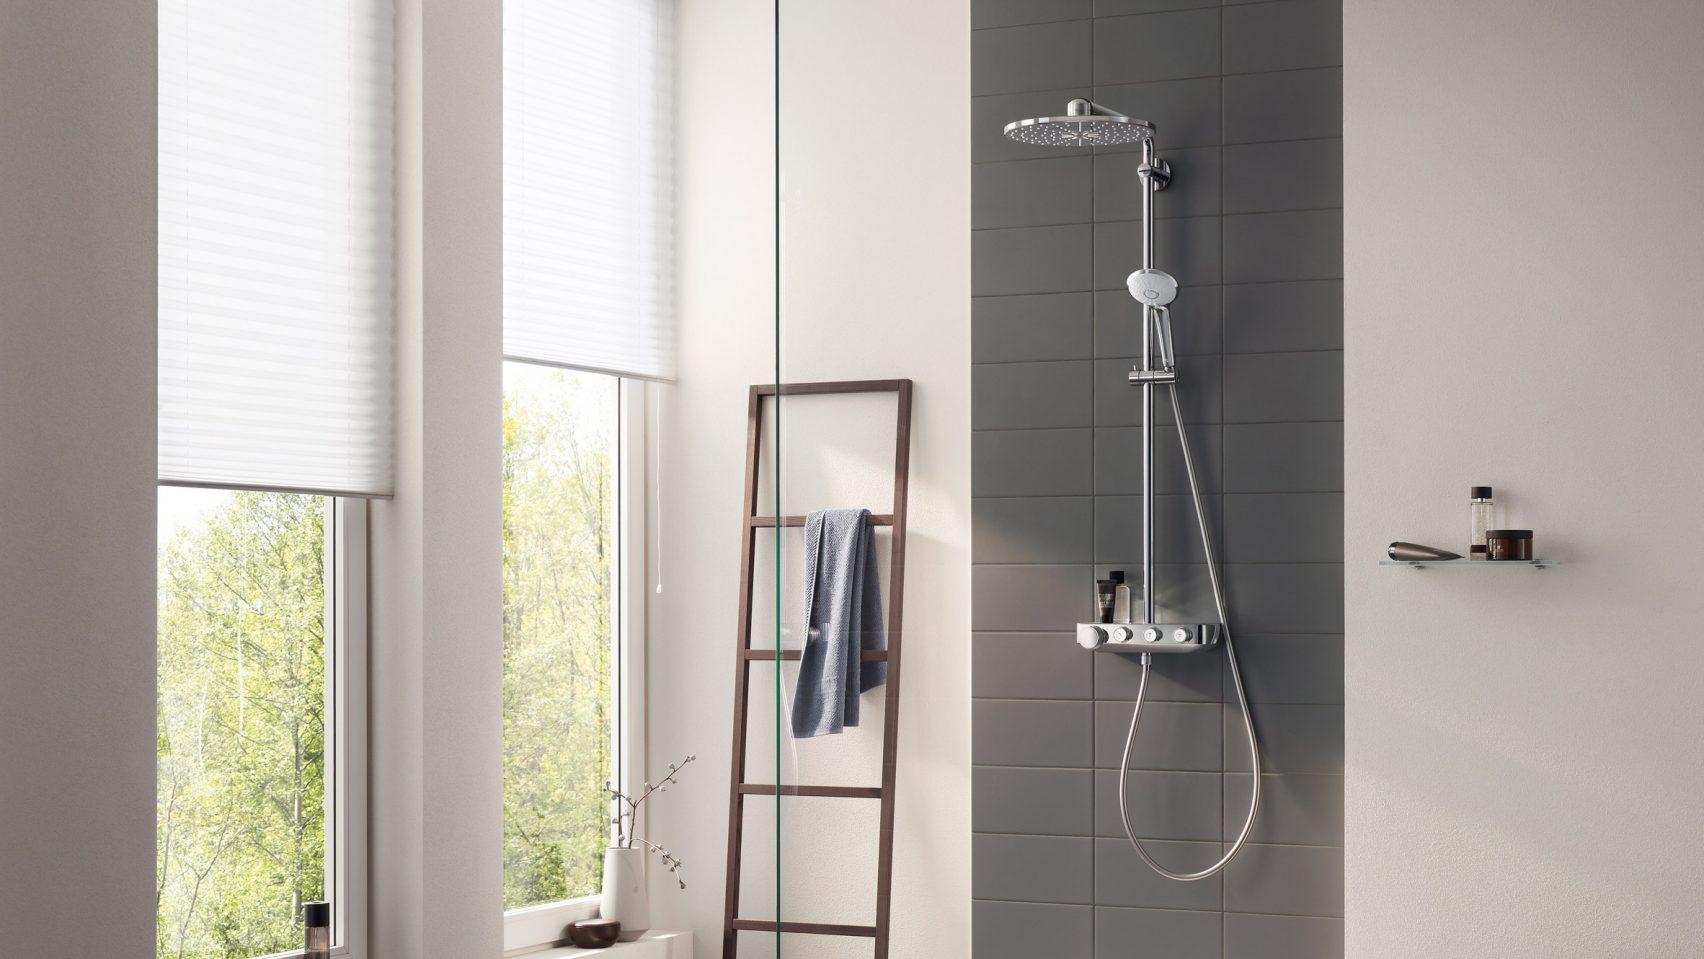 Voici la douche « intuitive » ! C'est quoi ?